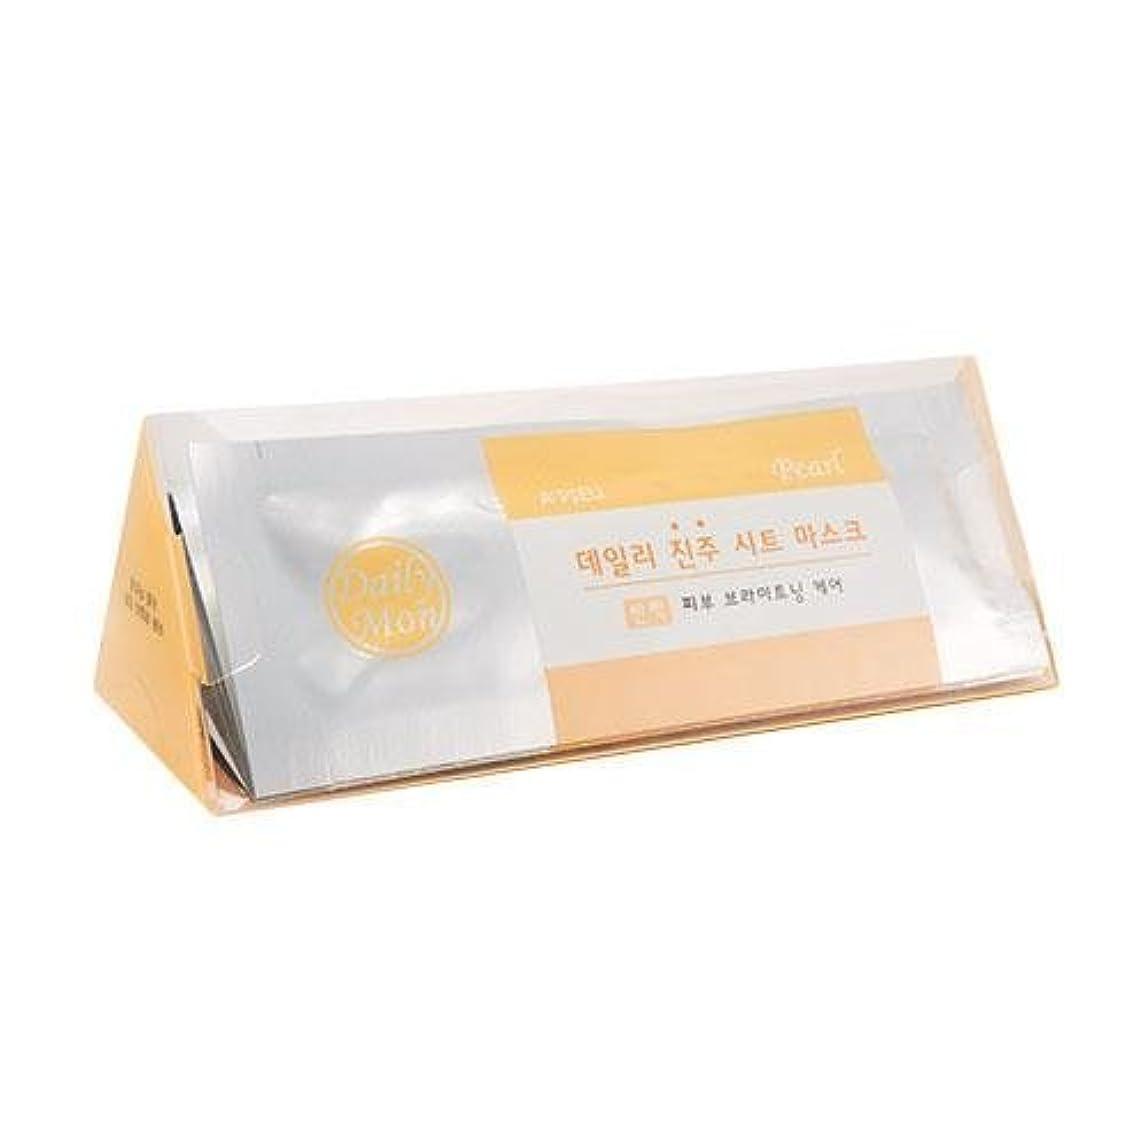 相対サイズ牧師人工的なAPIEU Daily Pearl Sheet Mask (7EA)/ Made in Korea